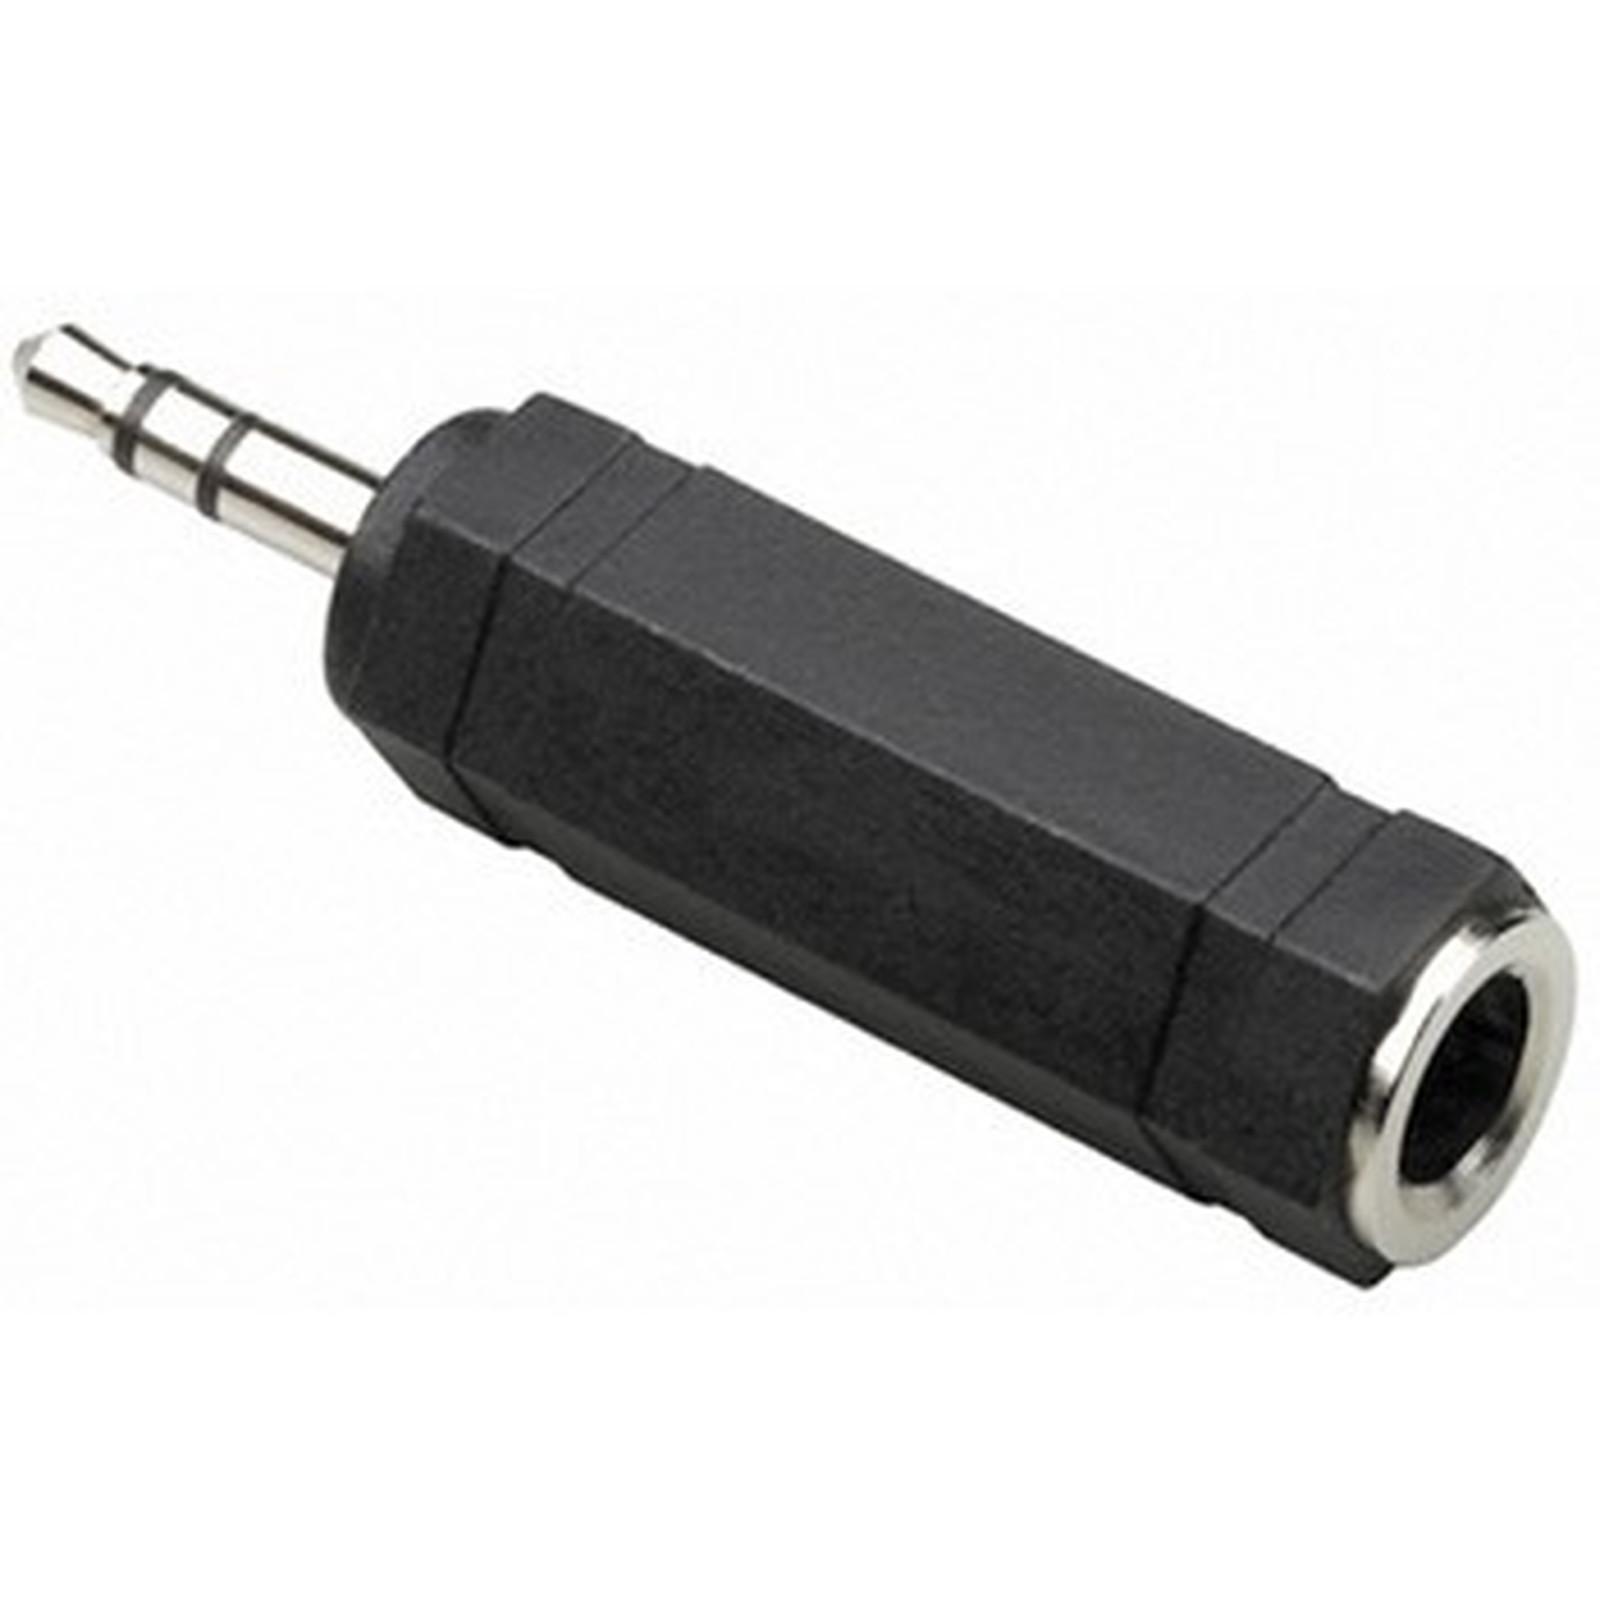 Thomson Adaptateur audio Jack 6.35 mm femelle / 3.5 mm mâle